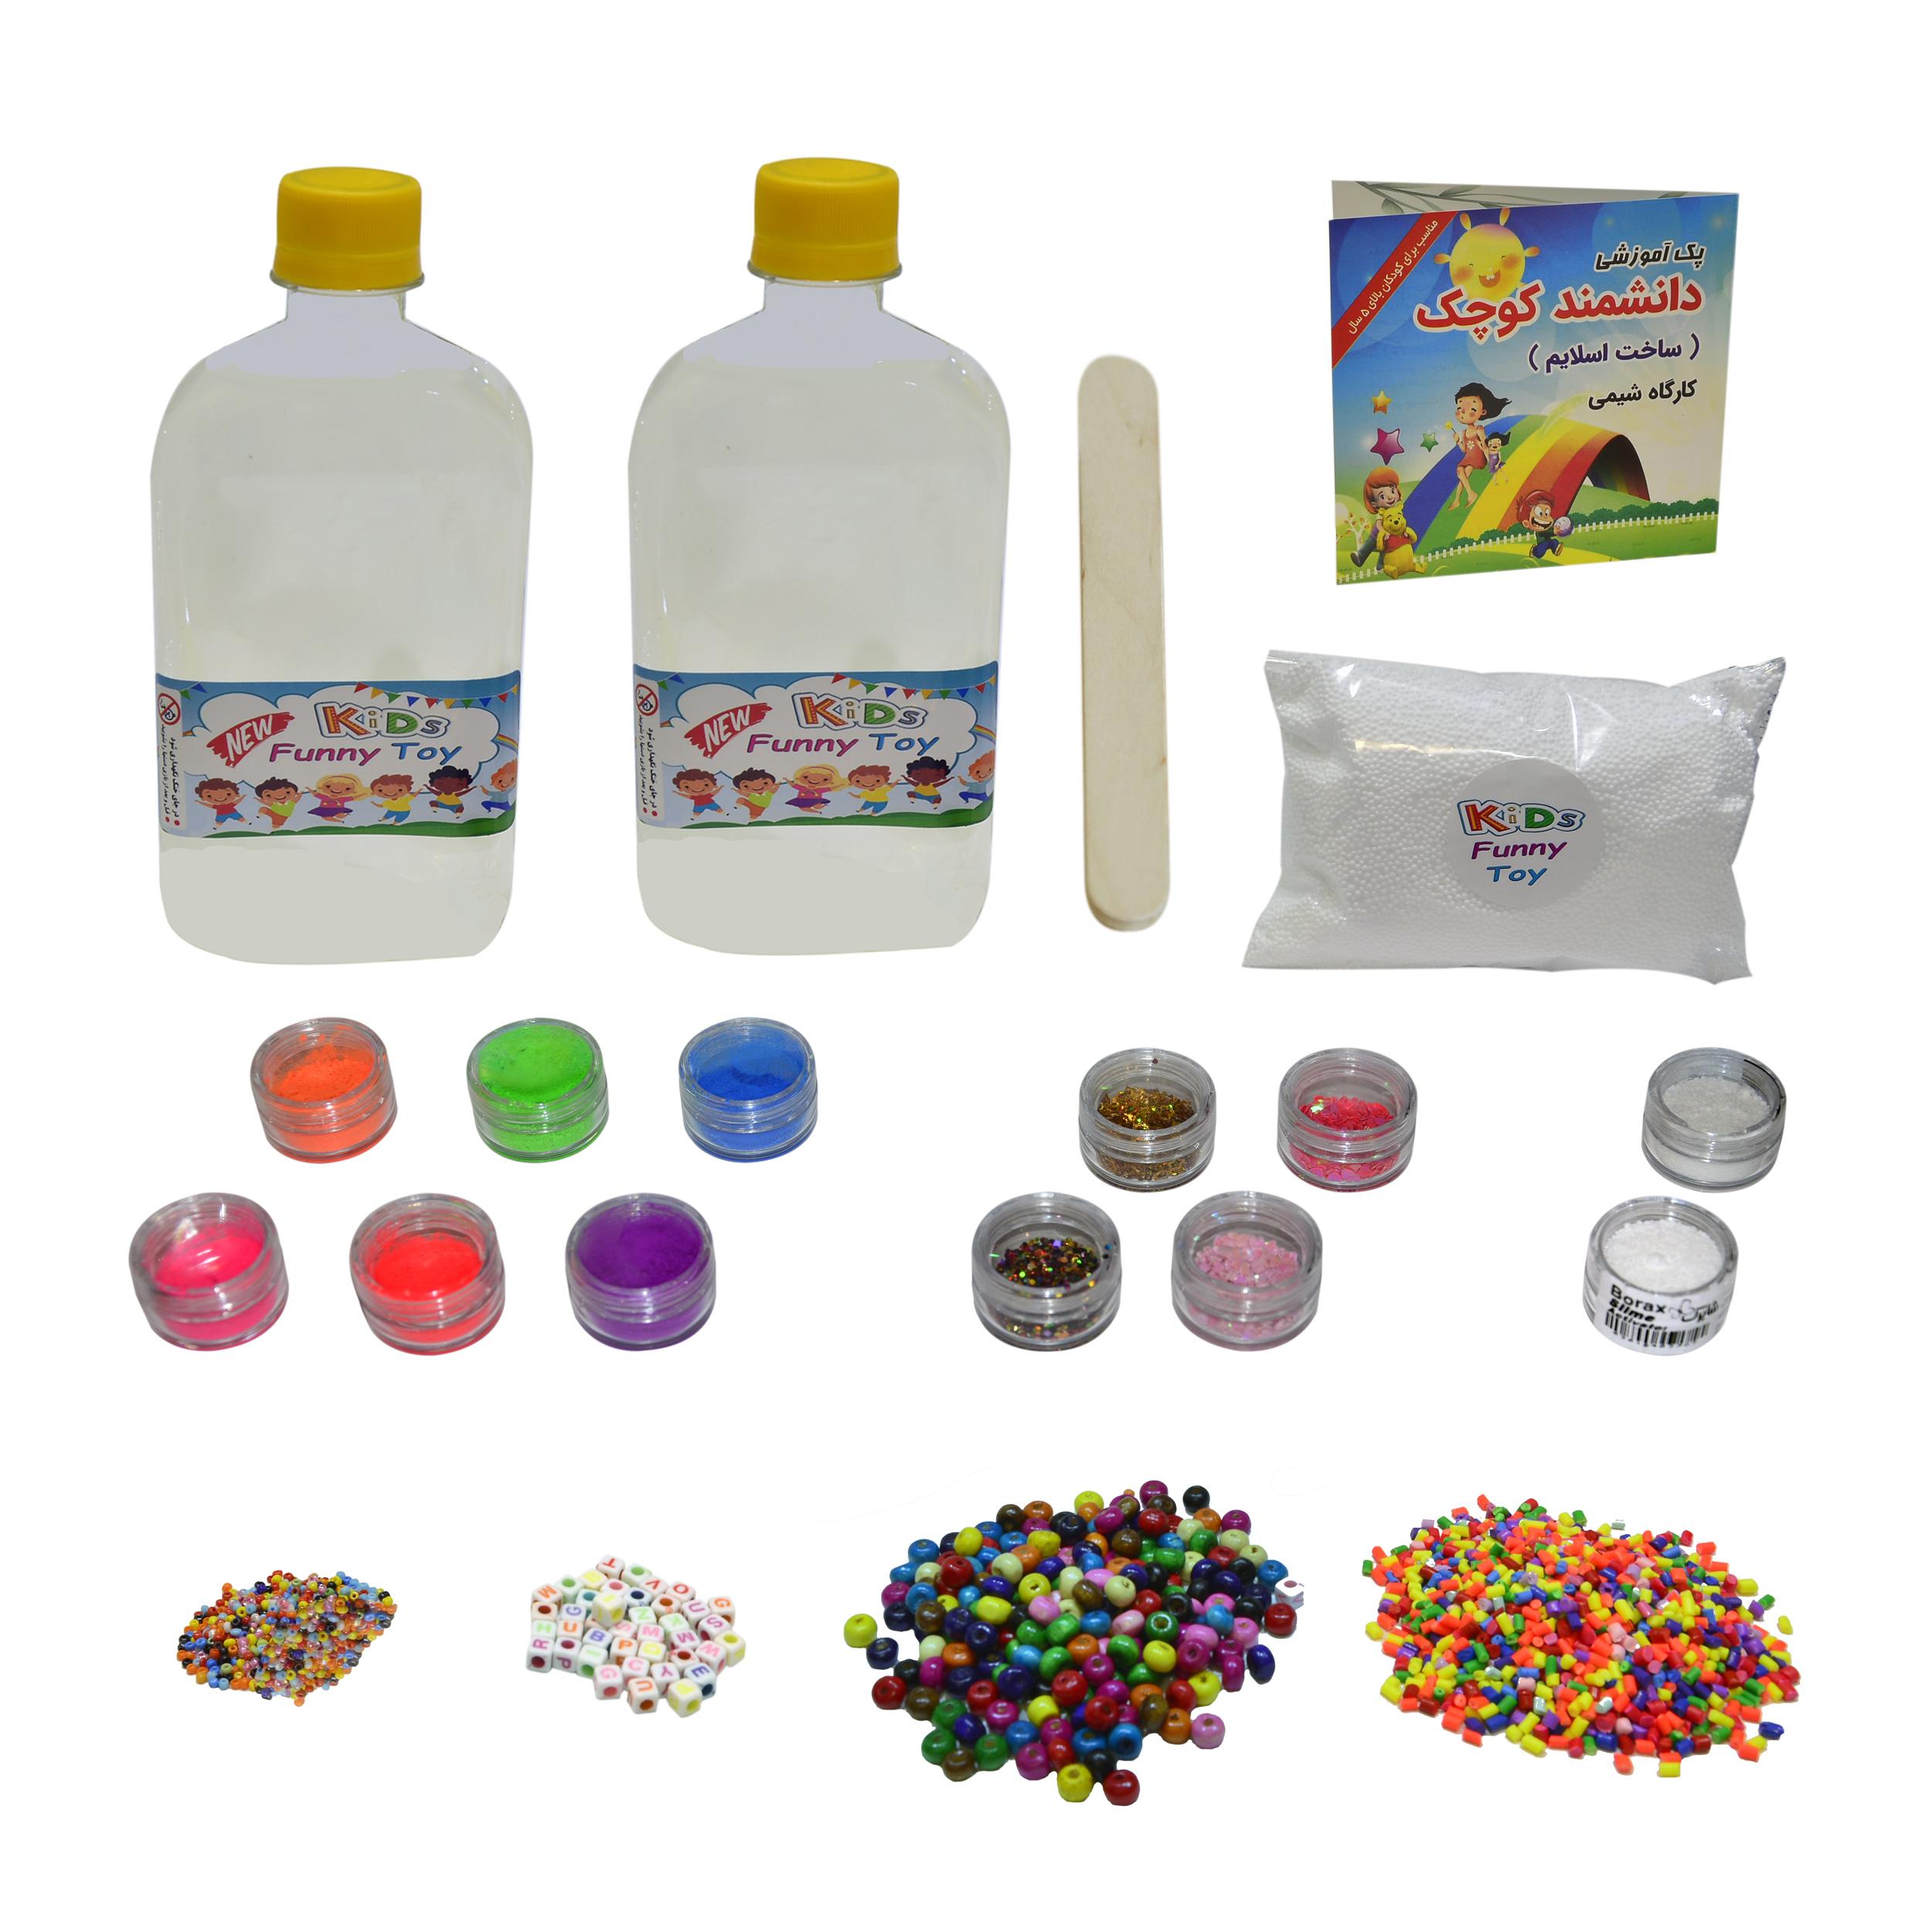 خرید                     بازی آموزشی ساخت اسلایم دانشمند کوچک مدل کارگاه شیمی مجموعه 21 عددی